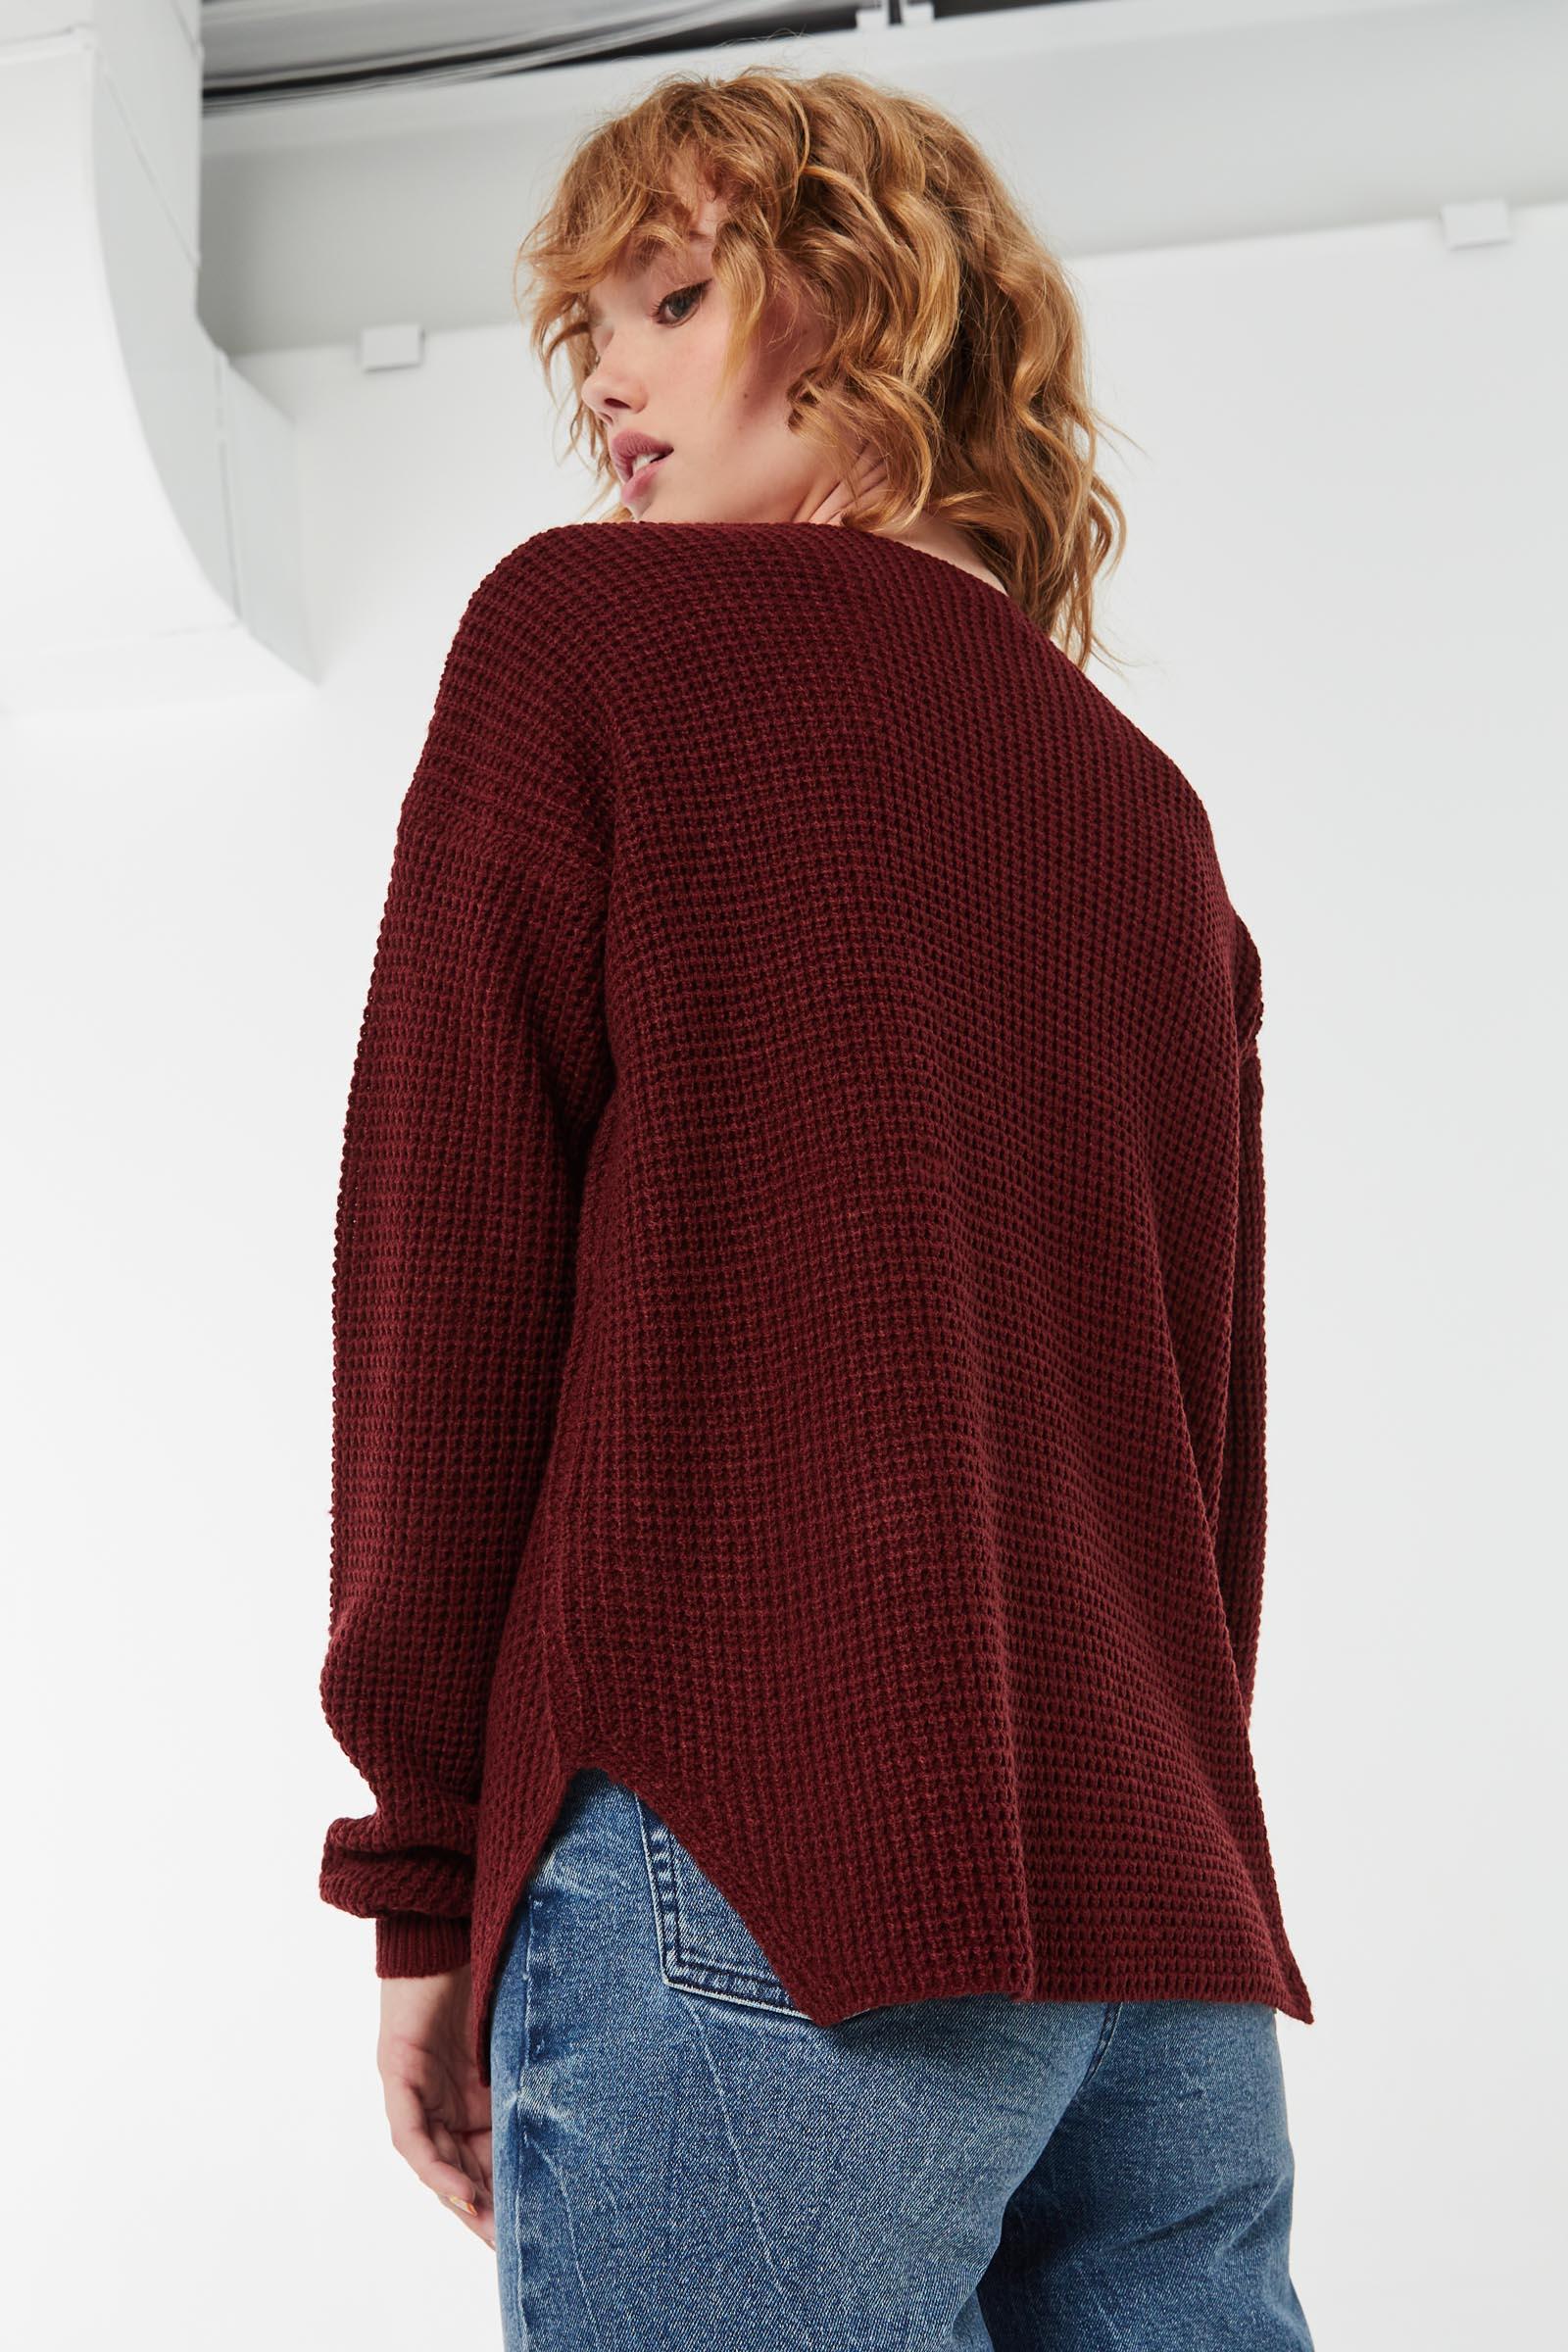 Basic Shaker-Stitch Sweater